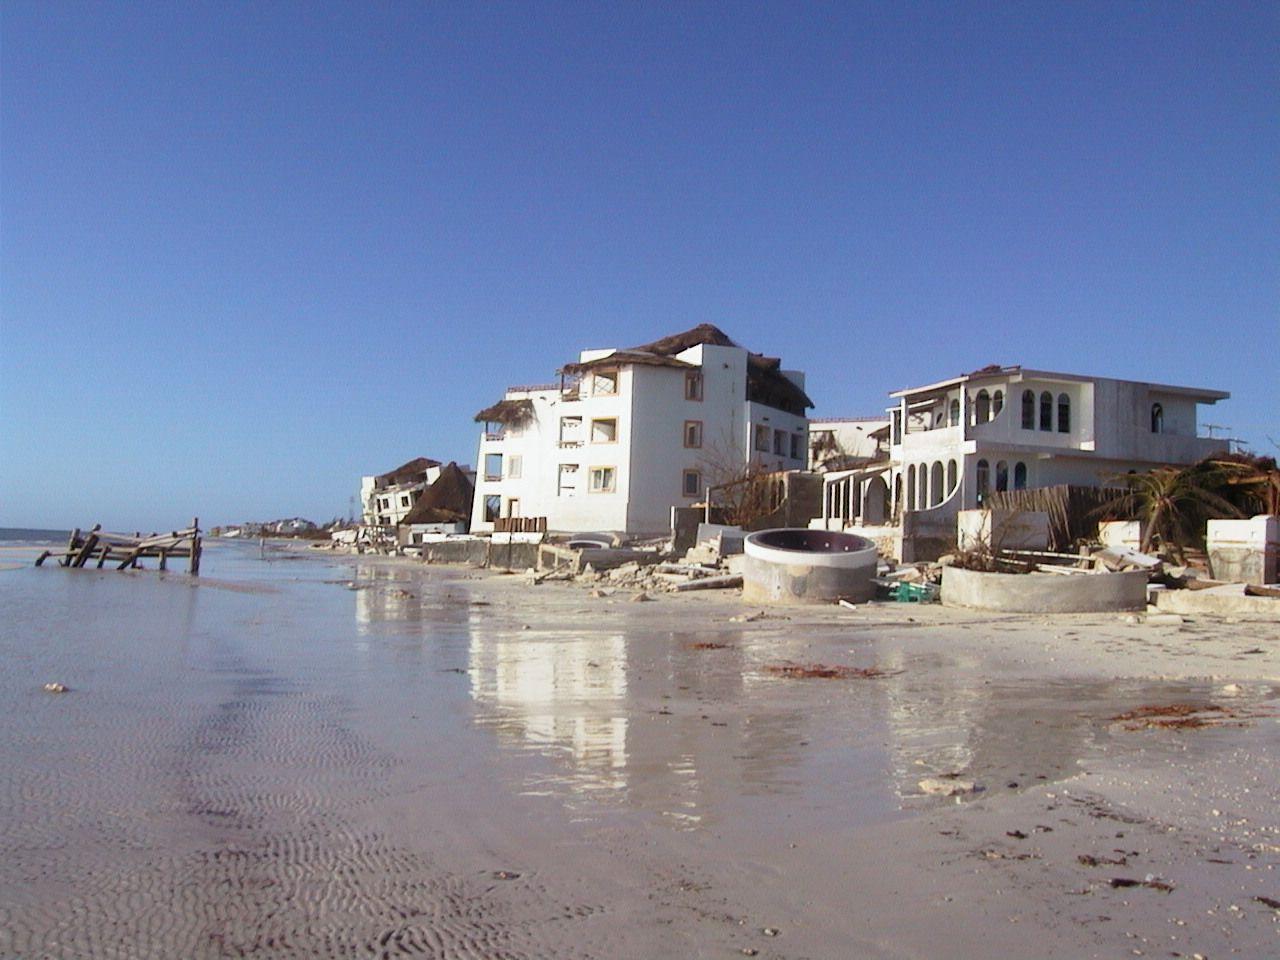 2005 Hurricane Wilma Riviera Maya Resorts Puerto Morelos Hurricane Wilma